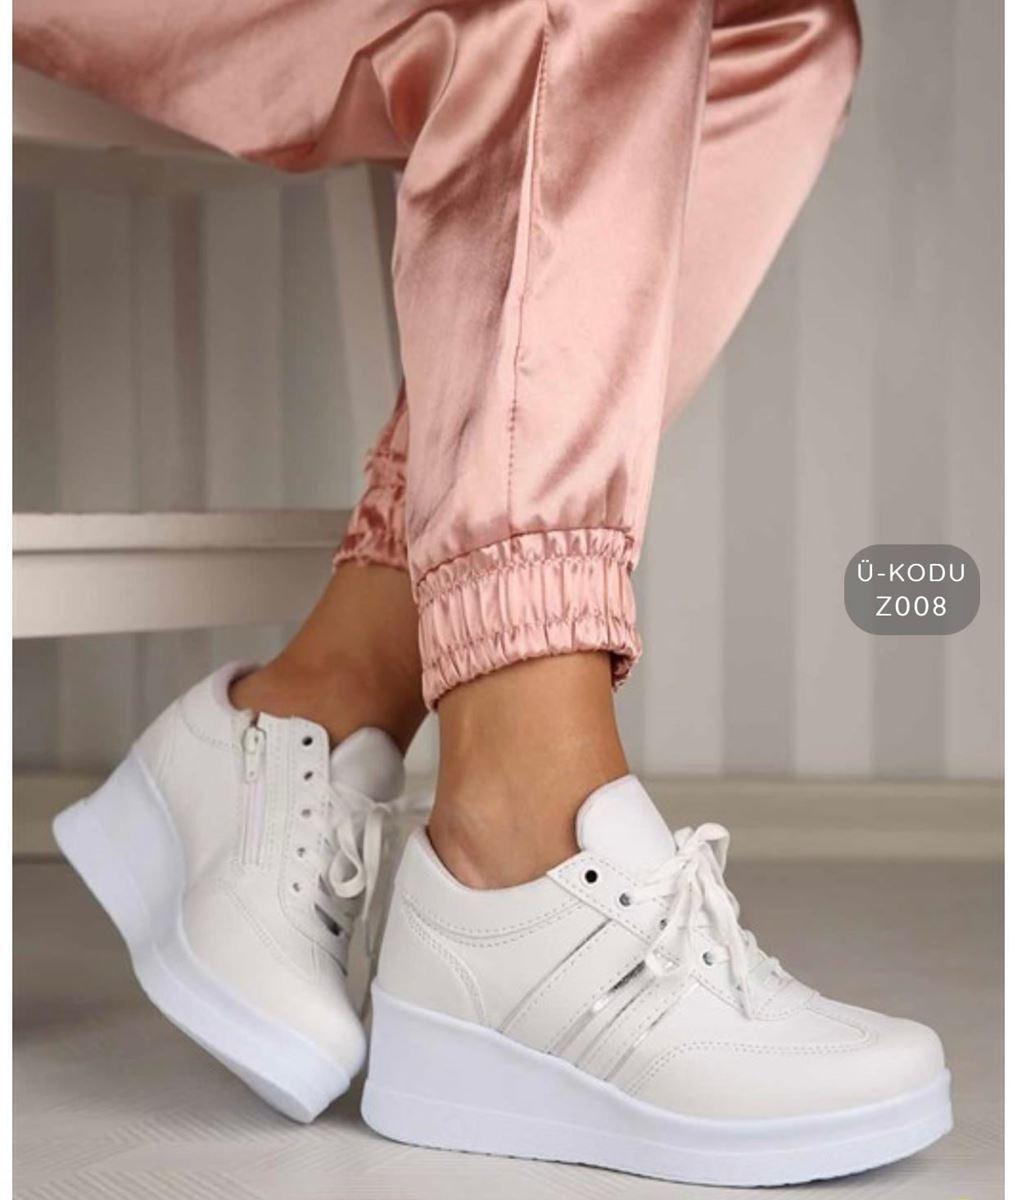 Pilla Krem Rengi Kadın Ayakkabı resmi